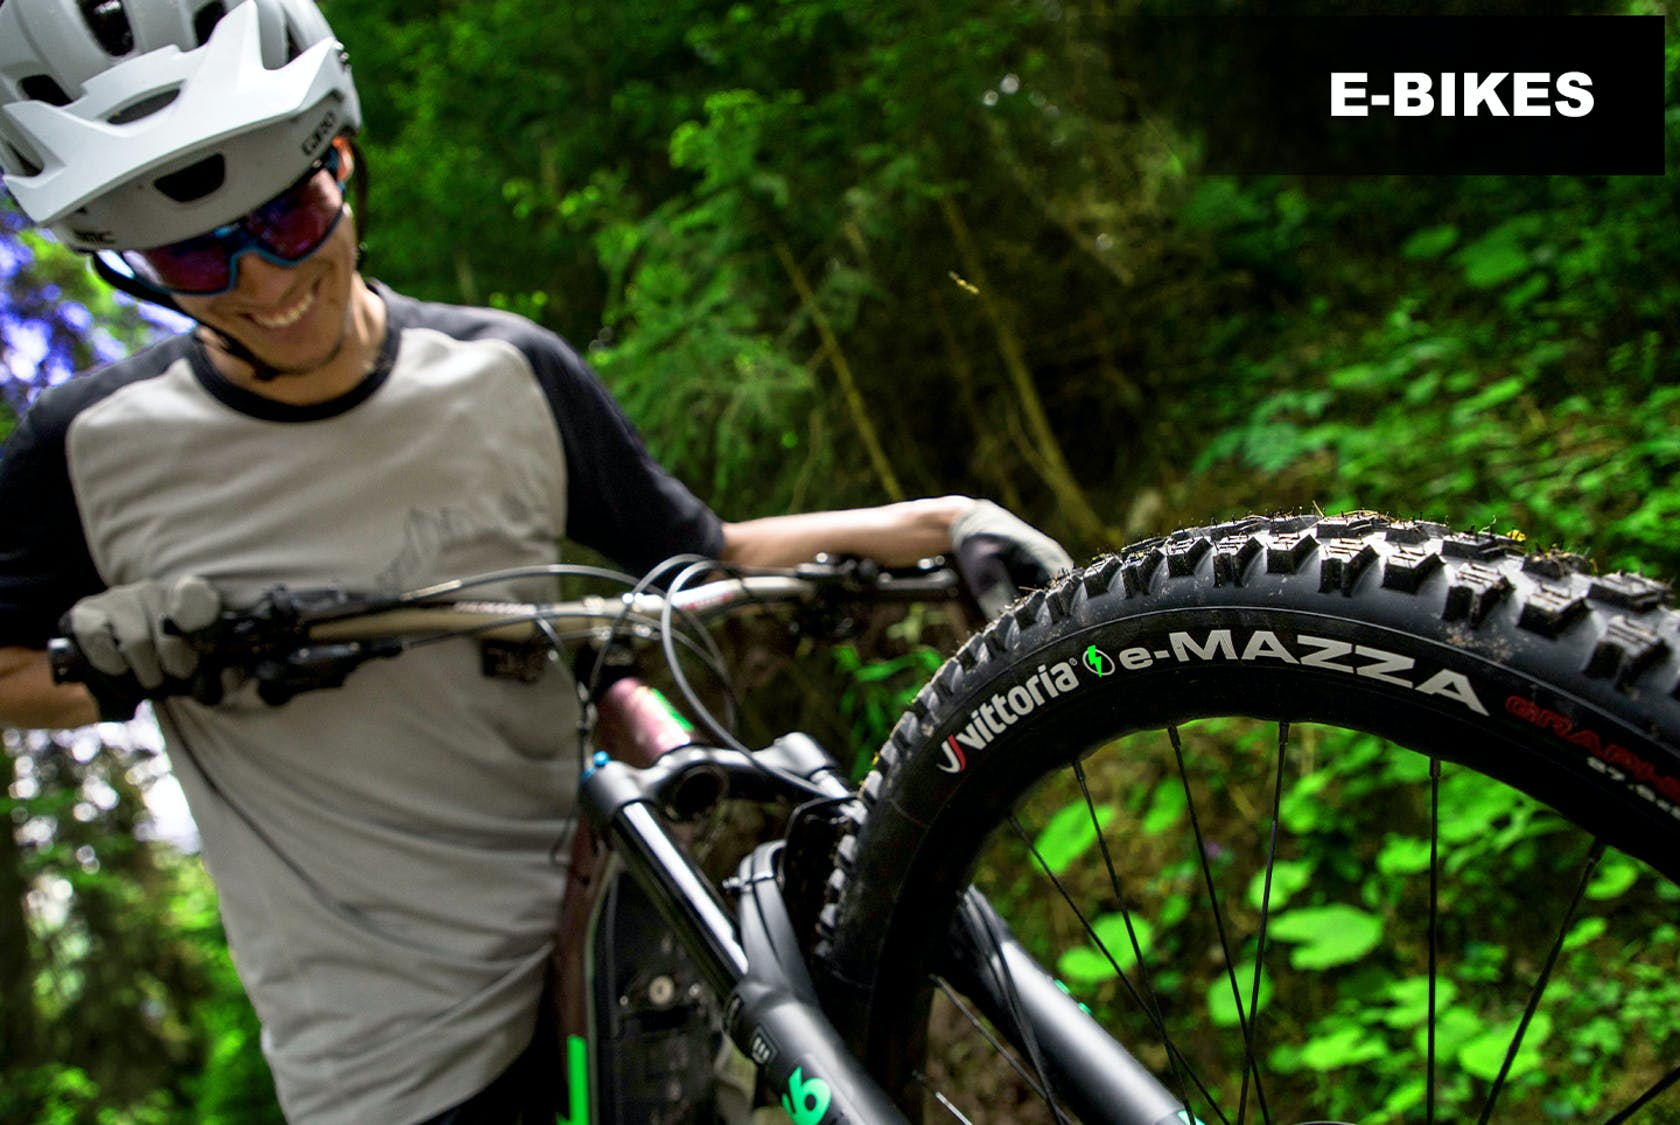 E-bikes Vittoria